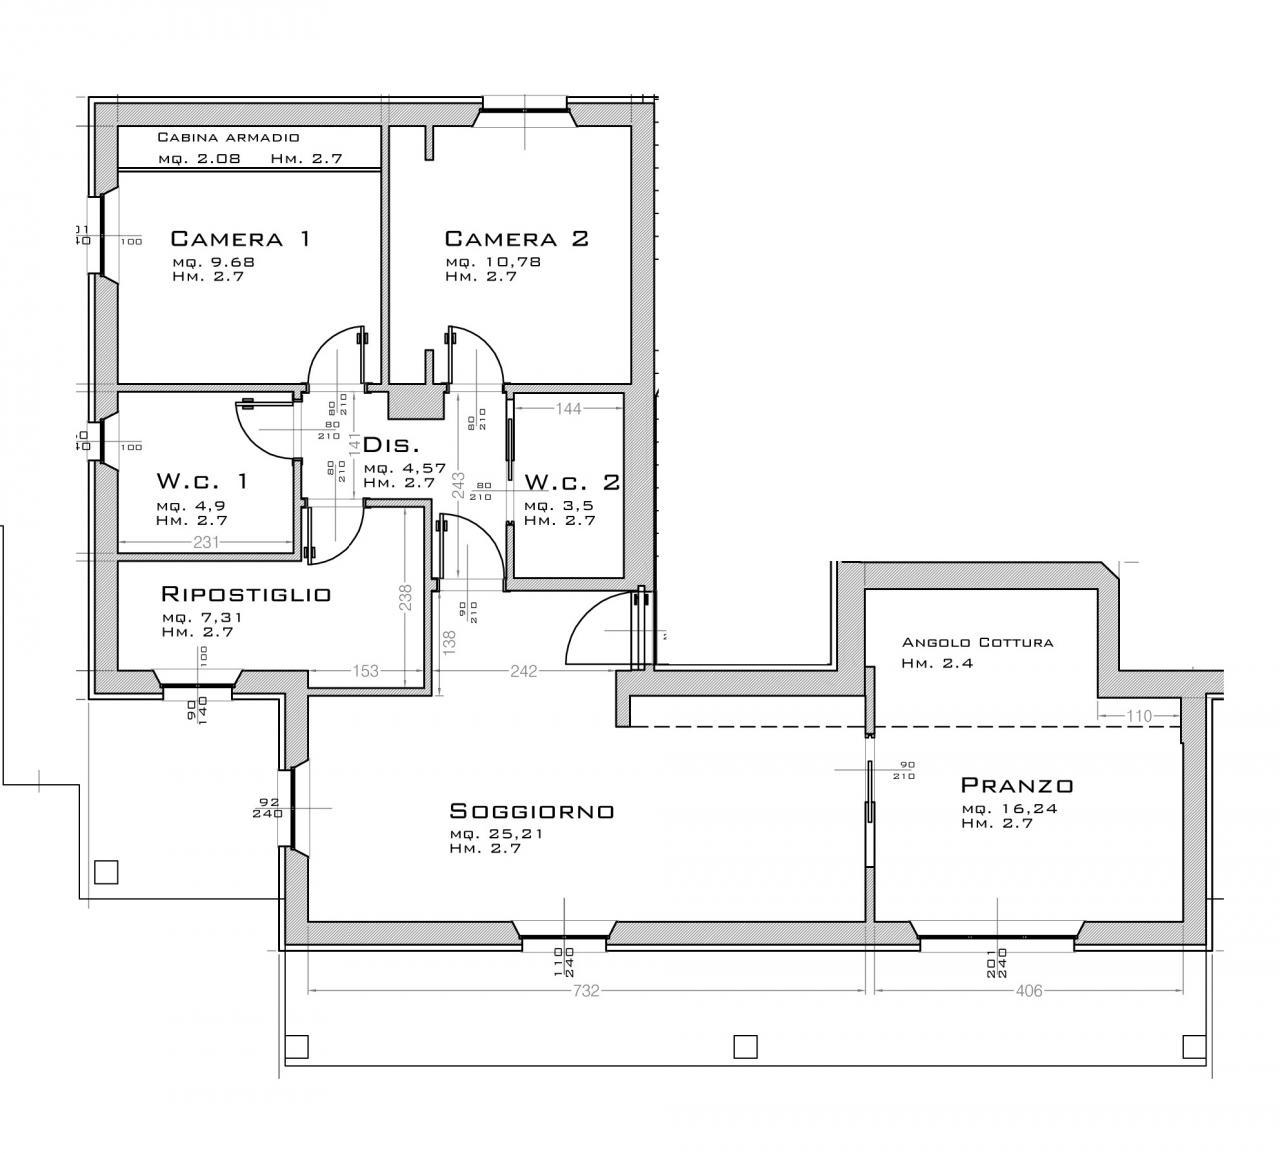 Appartamento in vendita a Massignano, 5 locali, zona Località: Marina, prezzo € 235.000 | CambioCasa.it